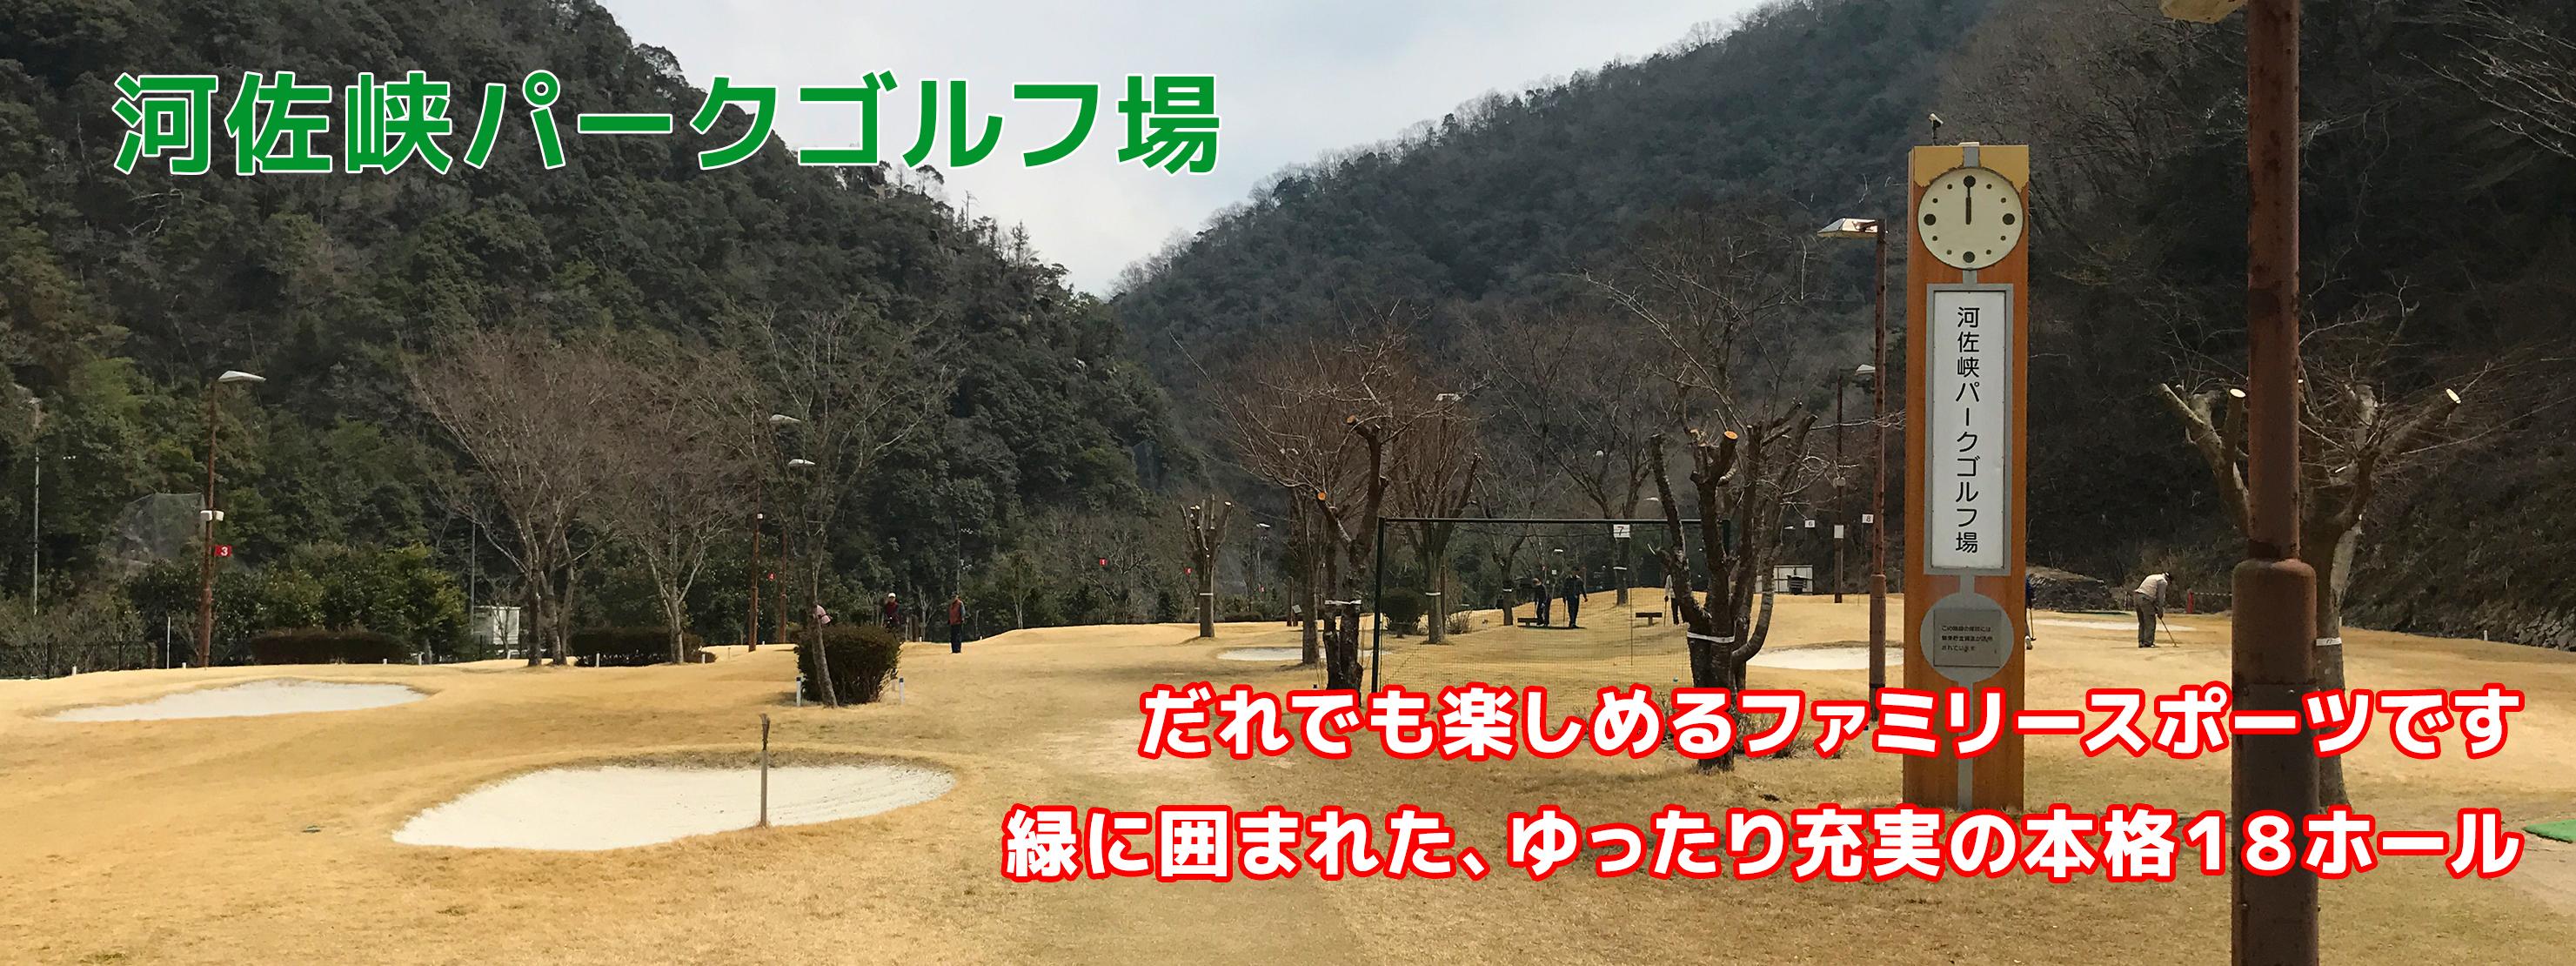 河佐峡パークゴルフ場